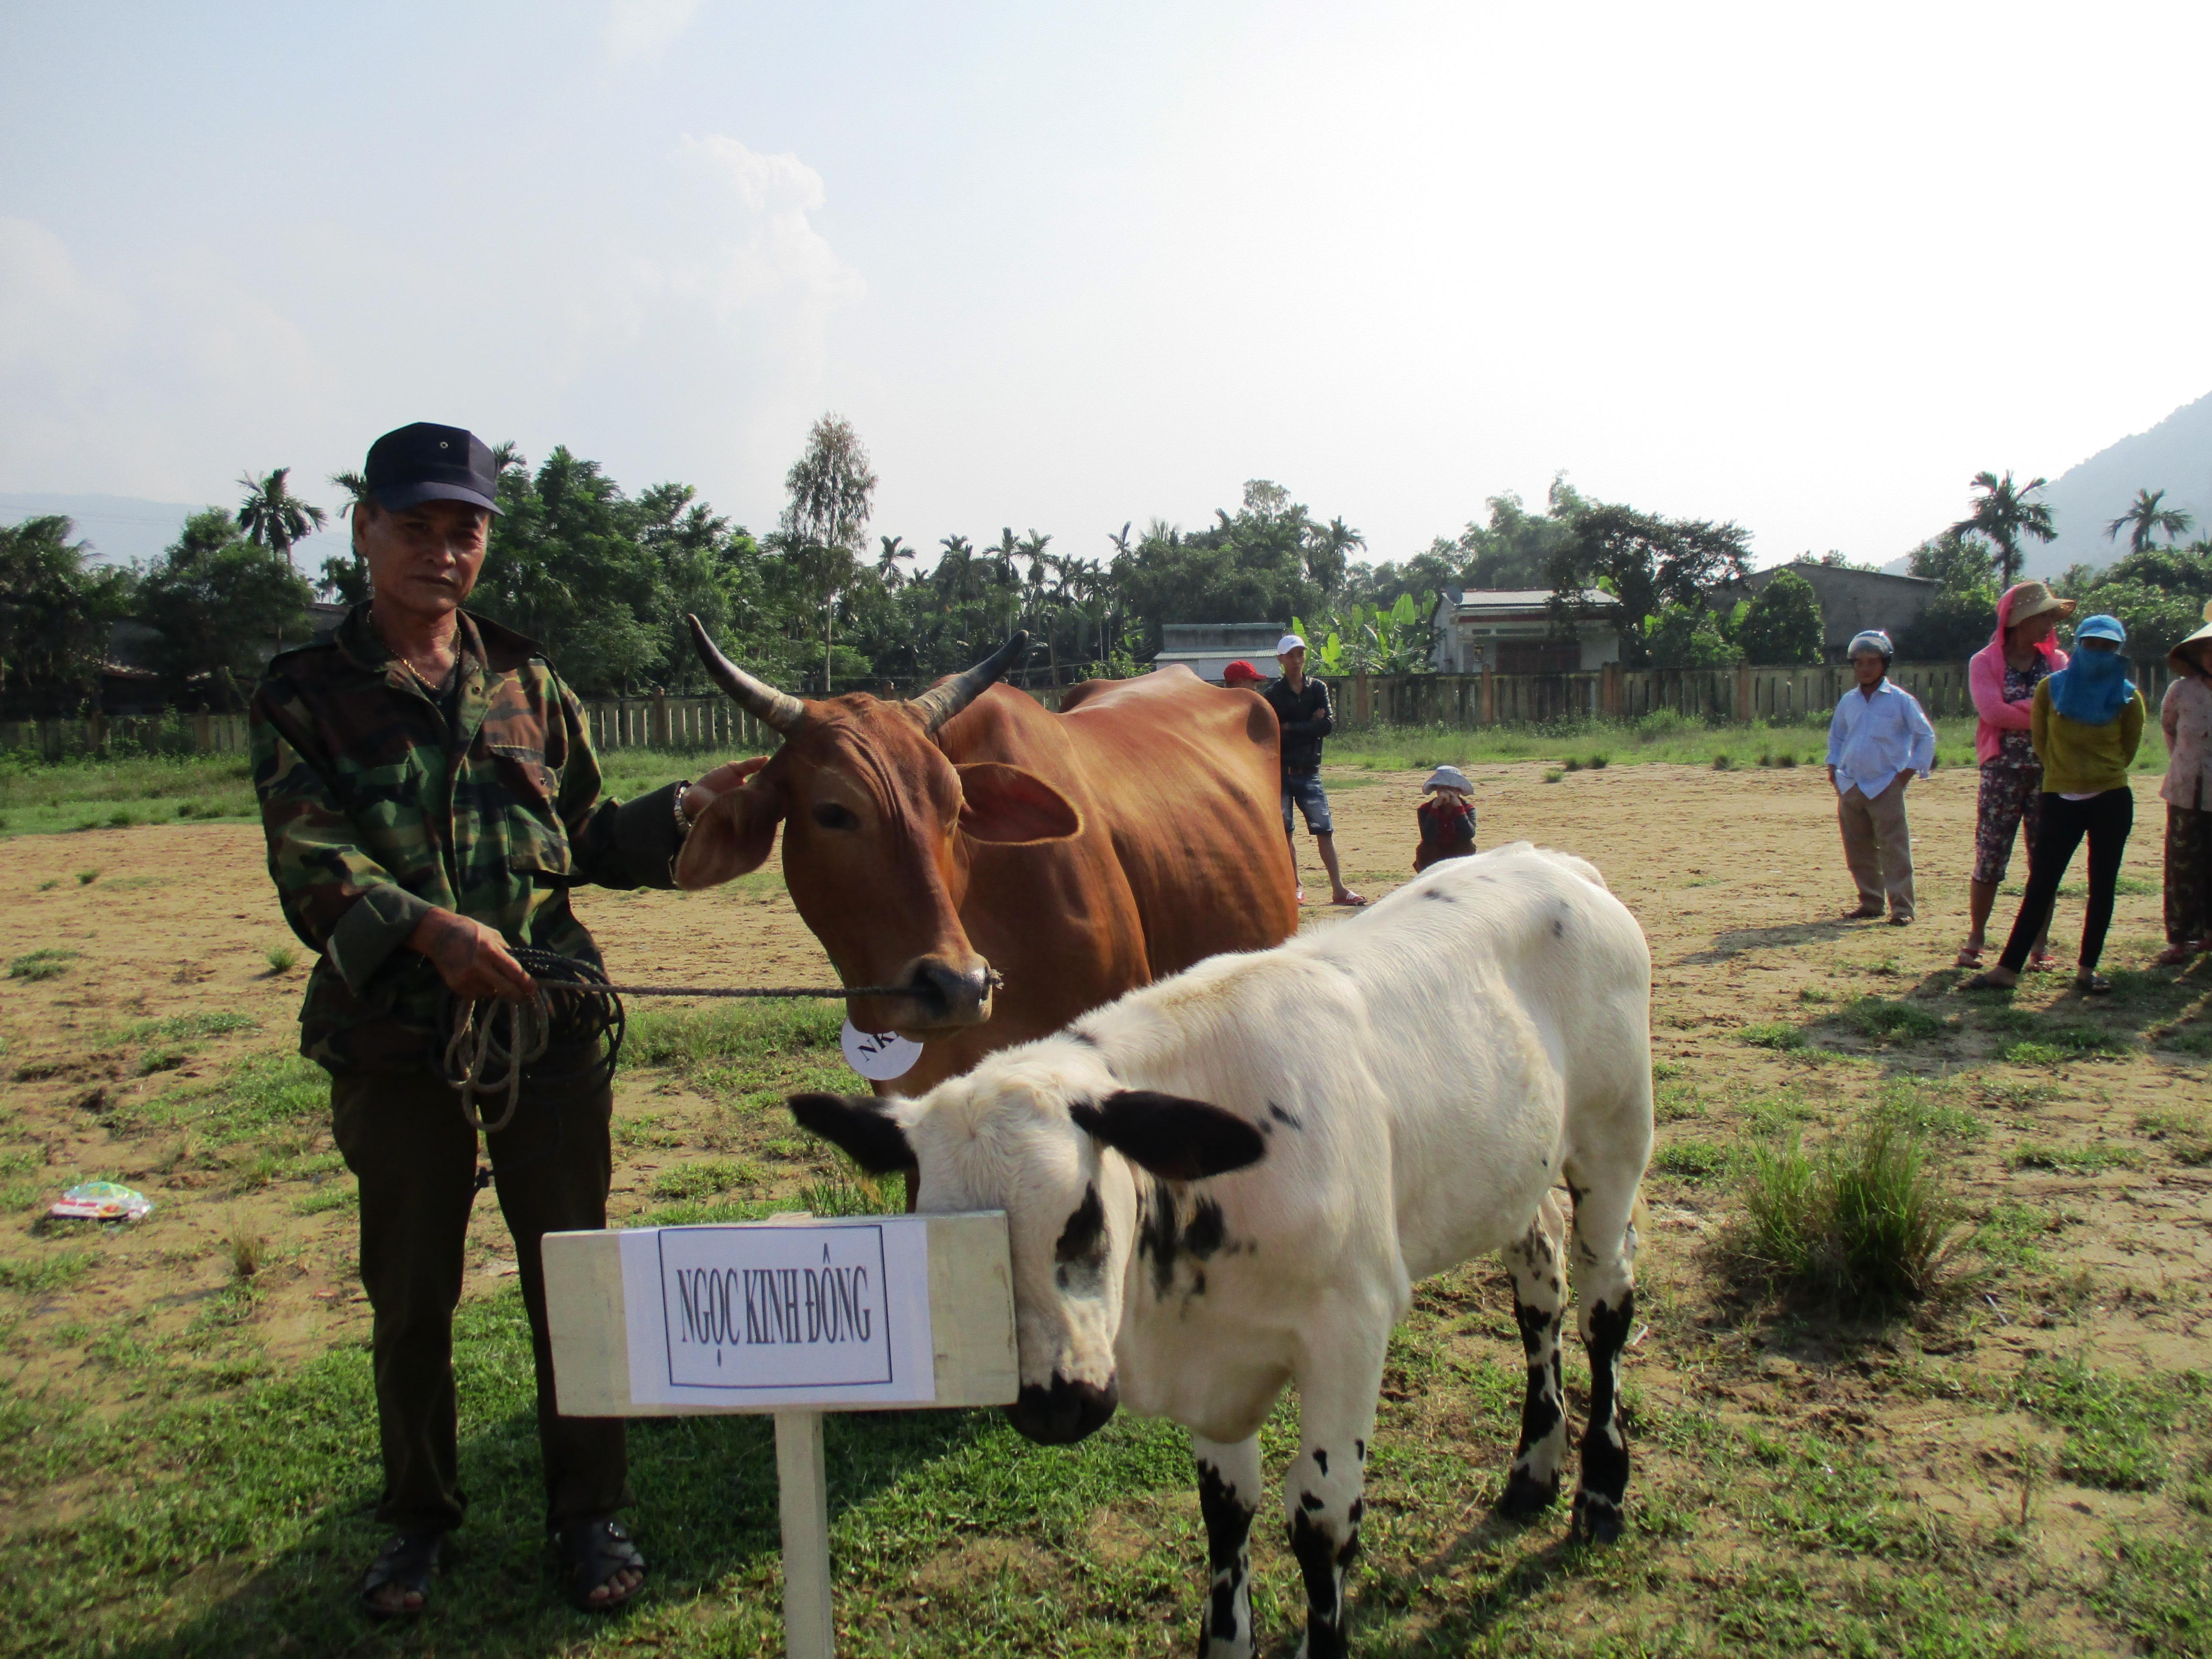 Thí sinh bò đẹp, bò khỏe của thôn Ngọc Kinh Đông. Ảnh: HOÀNG LIÊN